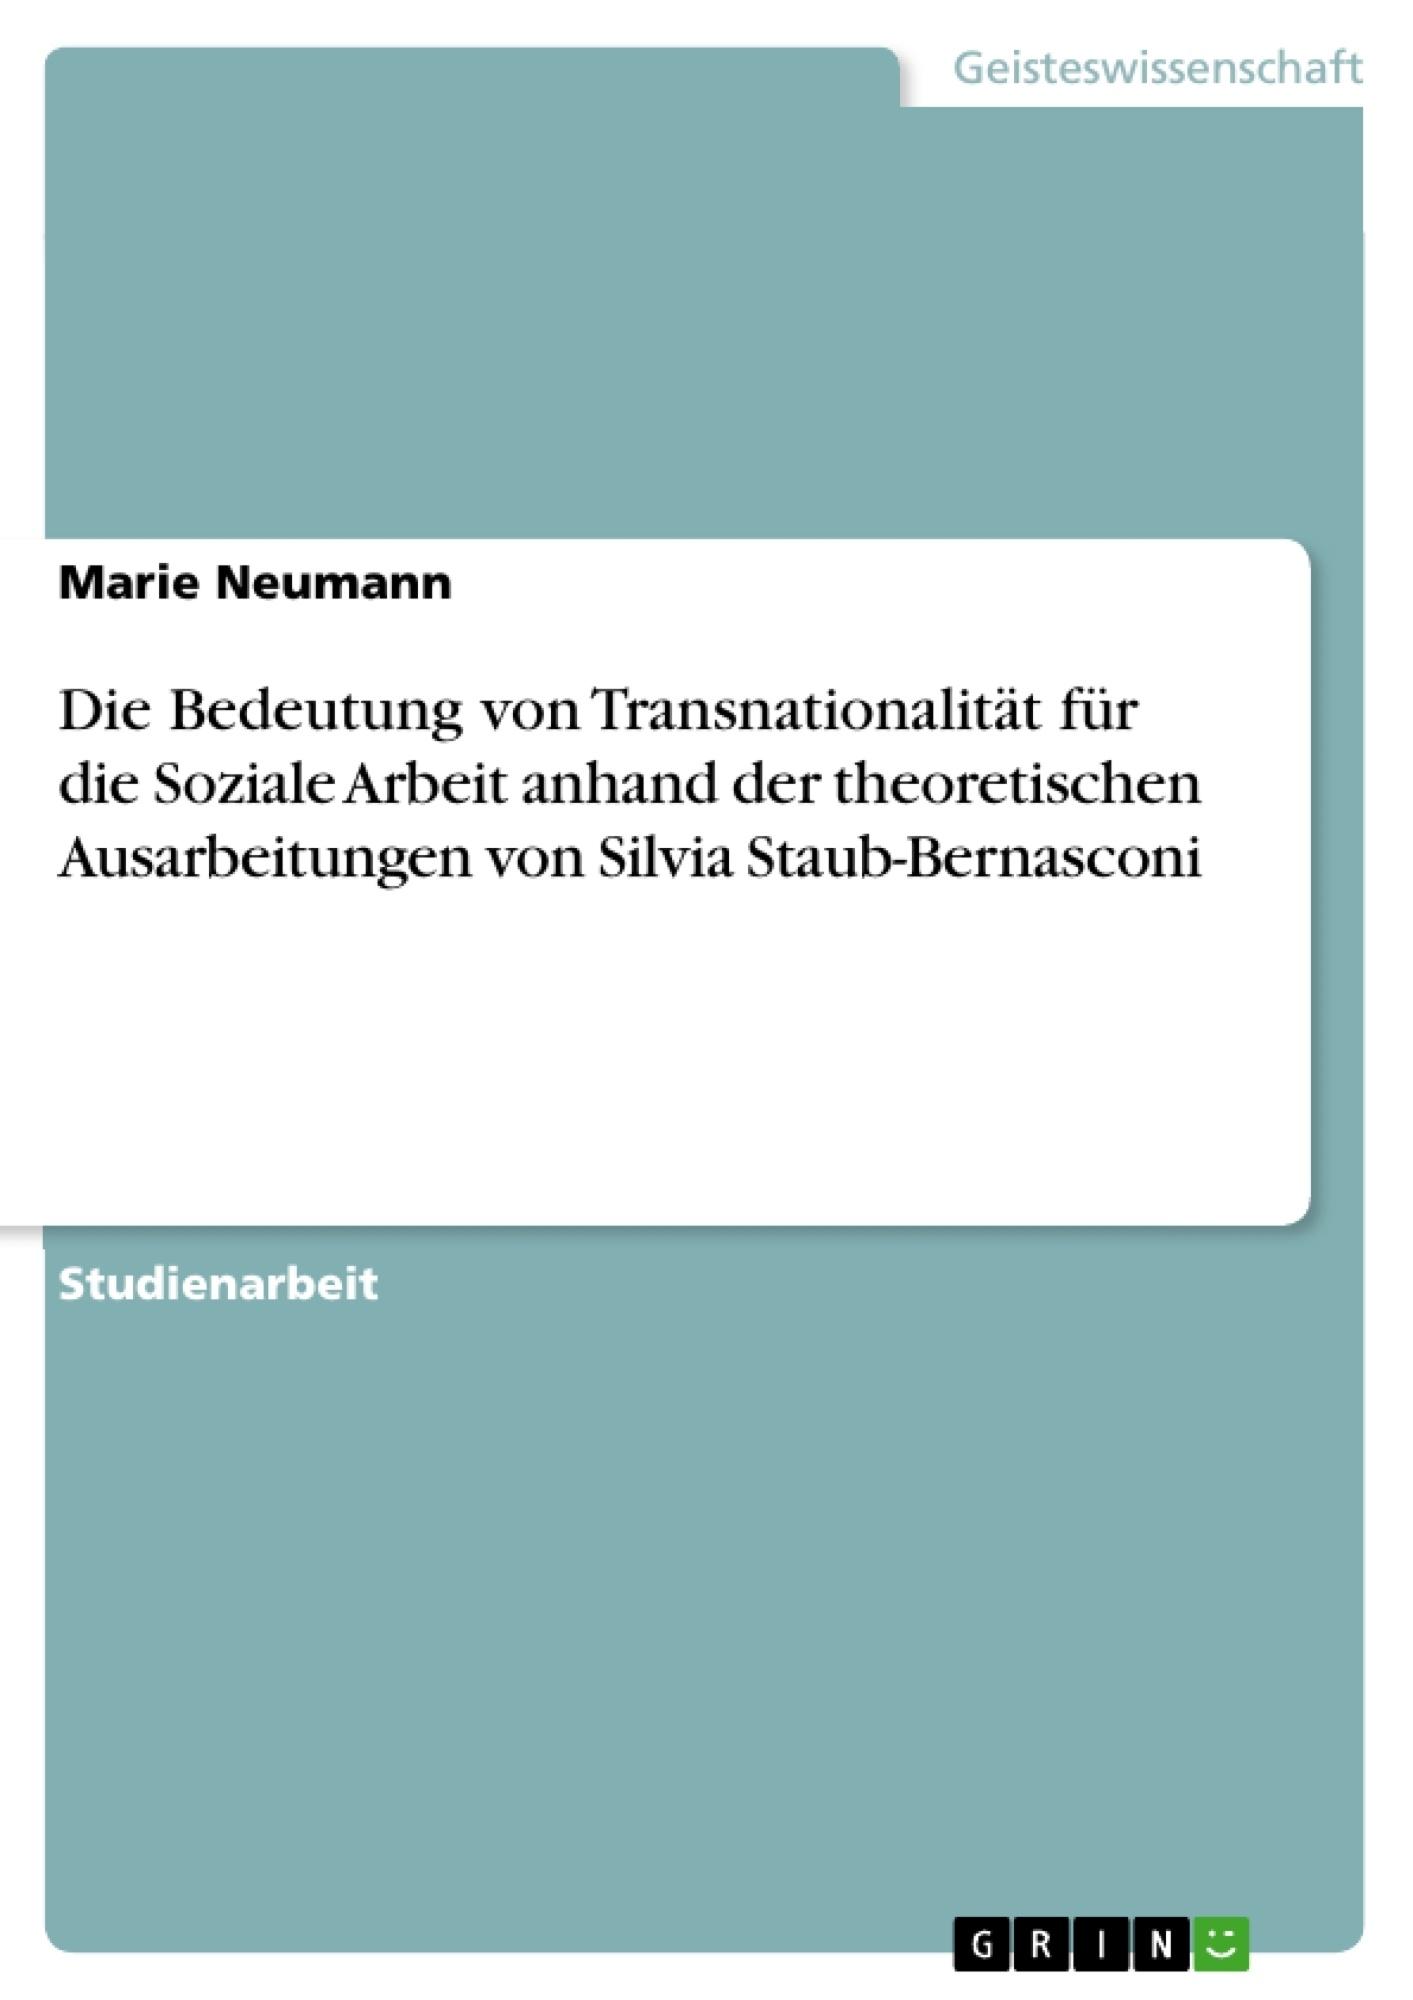 Titel: Die Bedeutung von Transnationalität für die Soziale Arbeit anhand der theoretischen Ausarbeitungen von Silvia Staub-Bernasconi